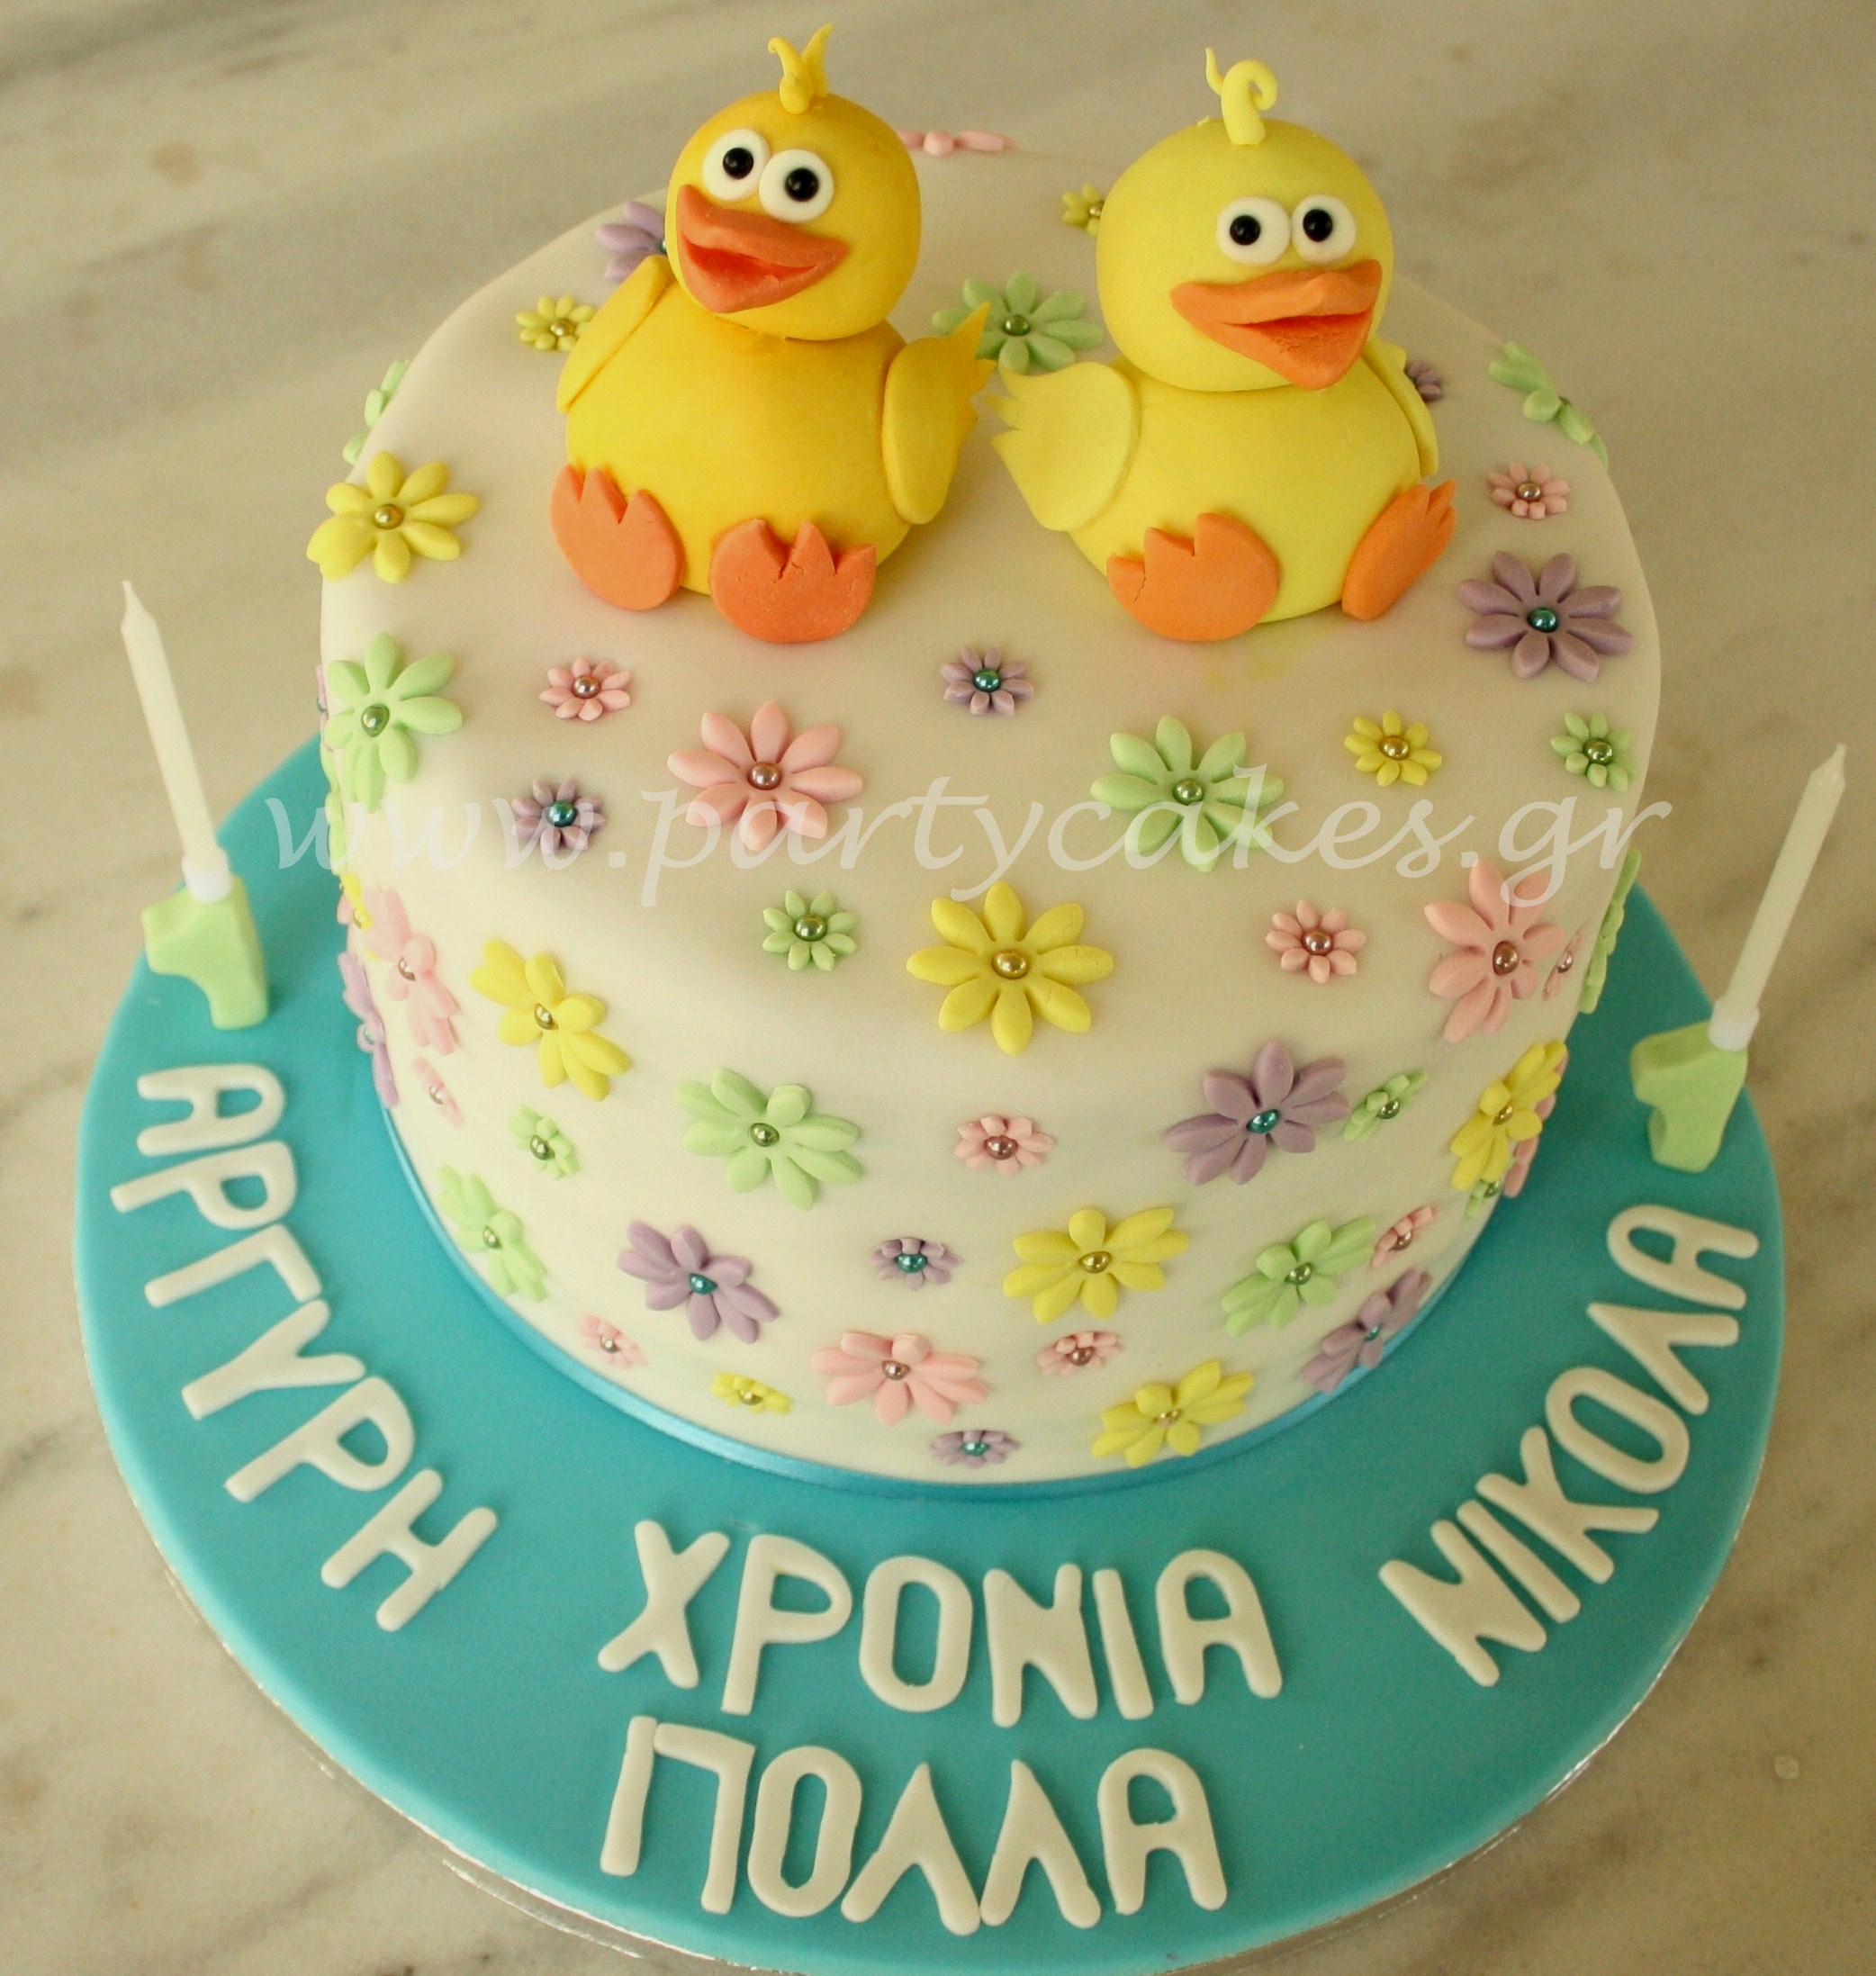 Duck+twins+1+copy.jpg